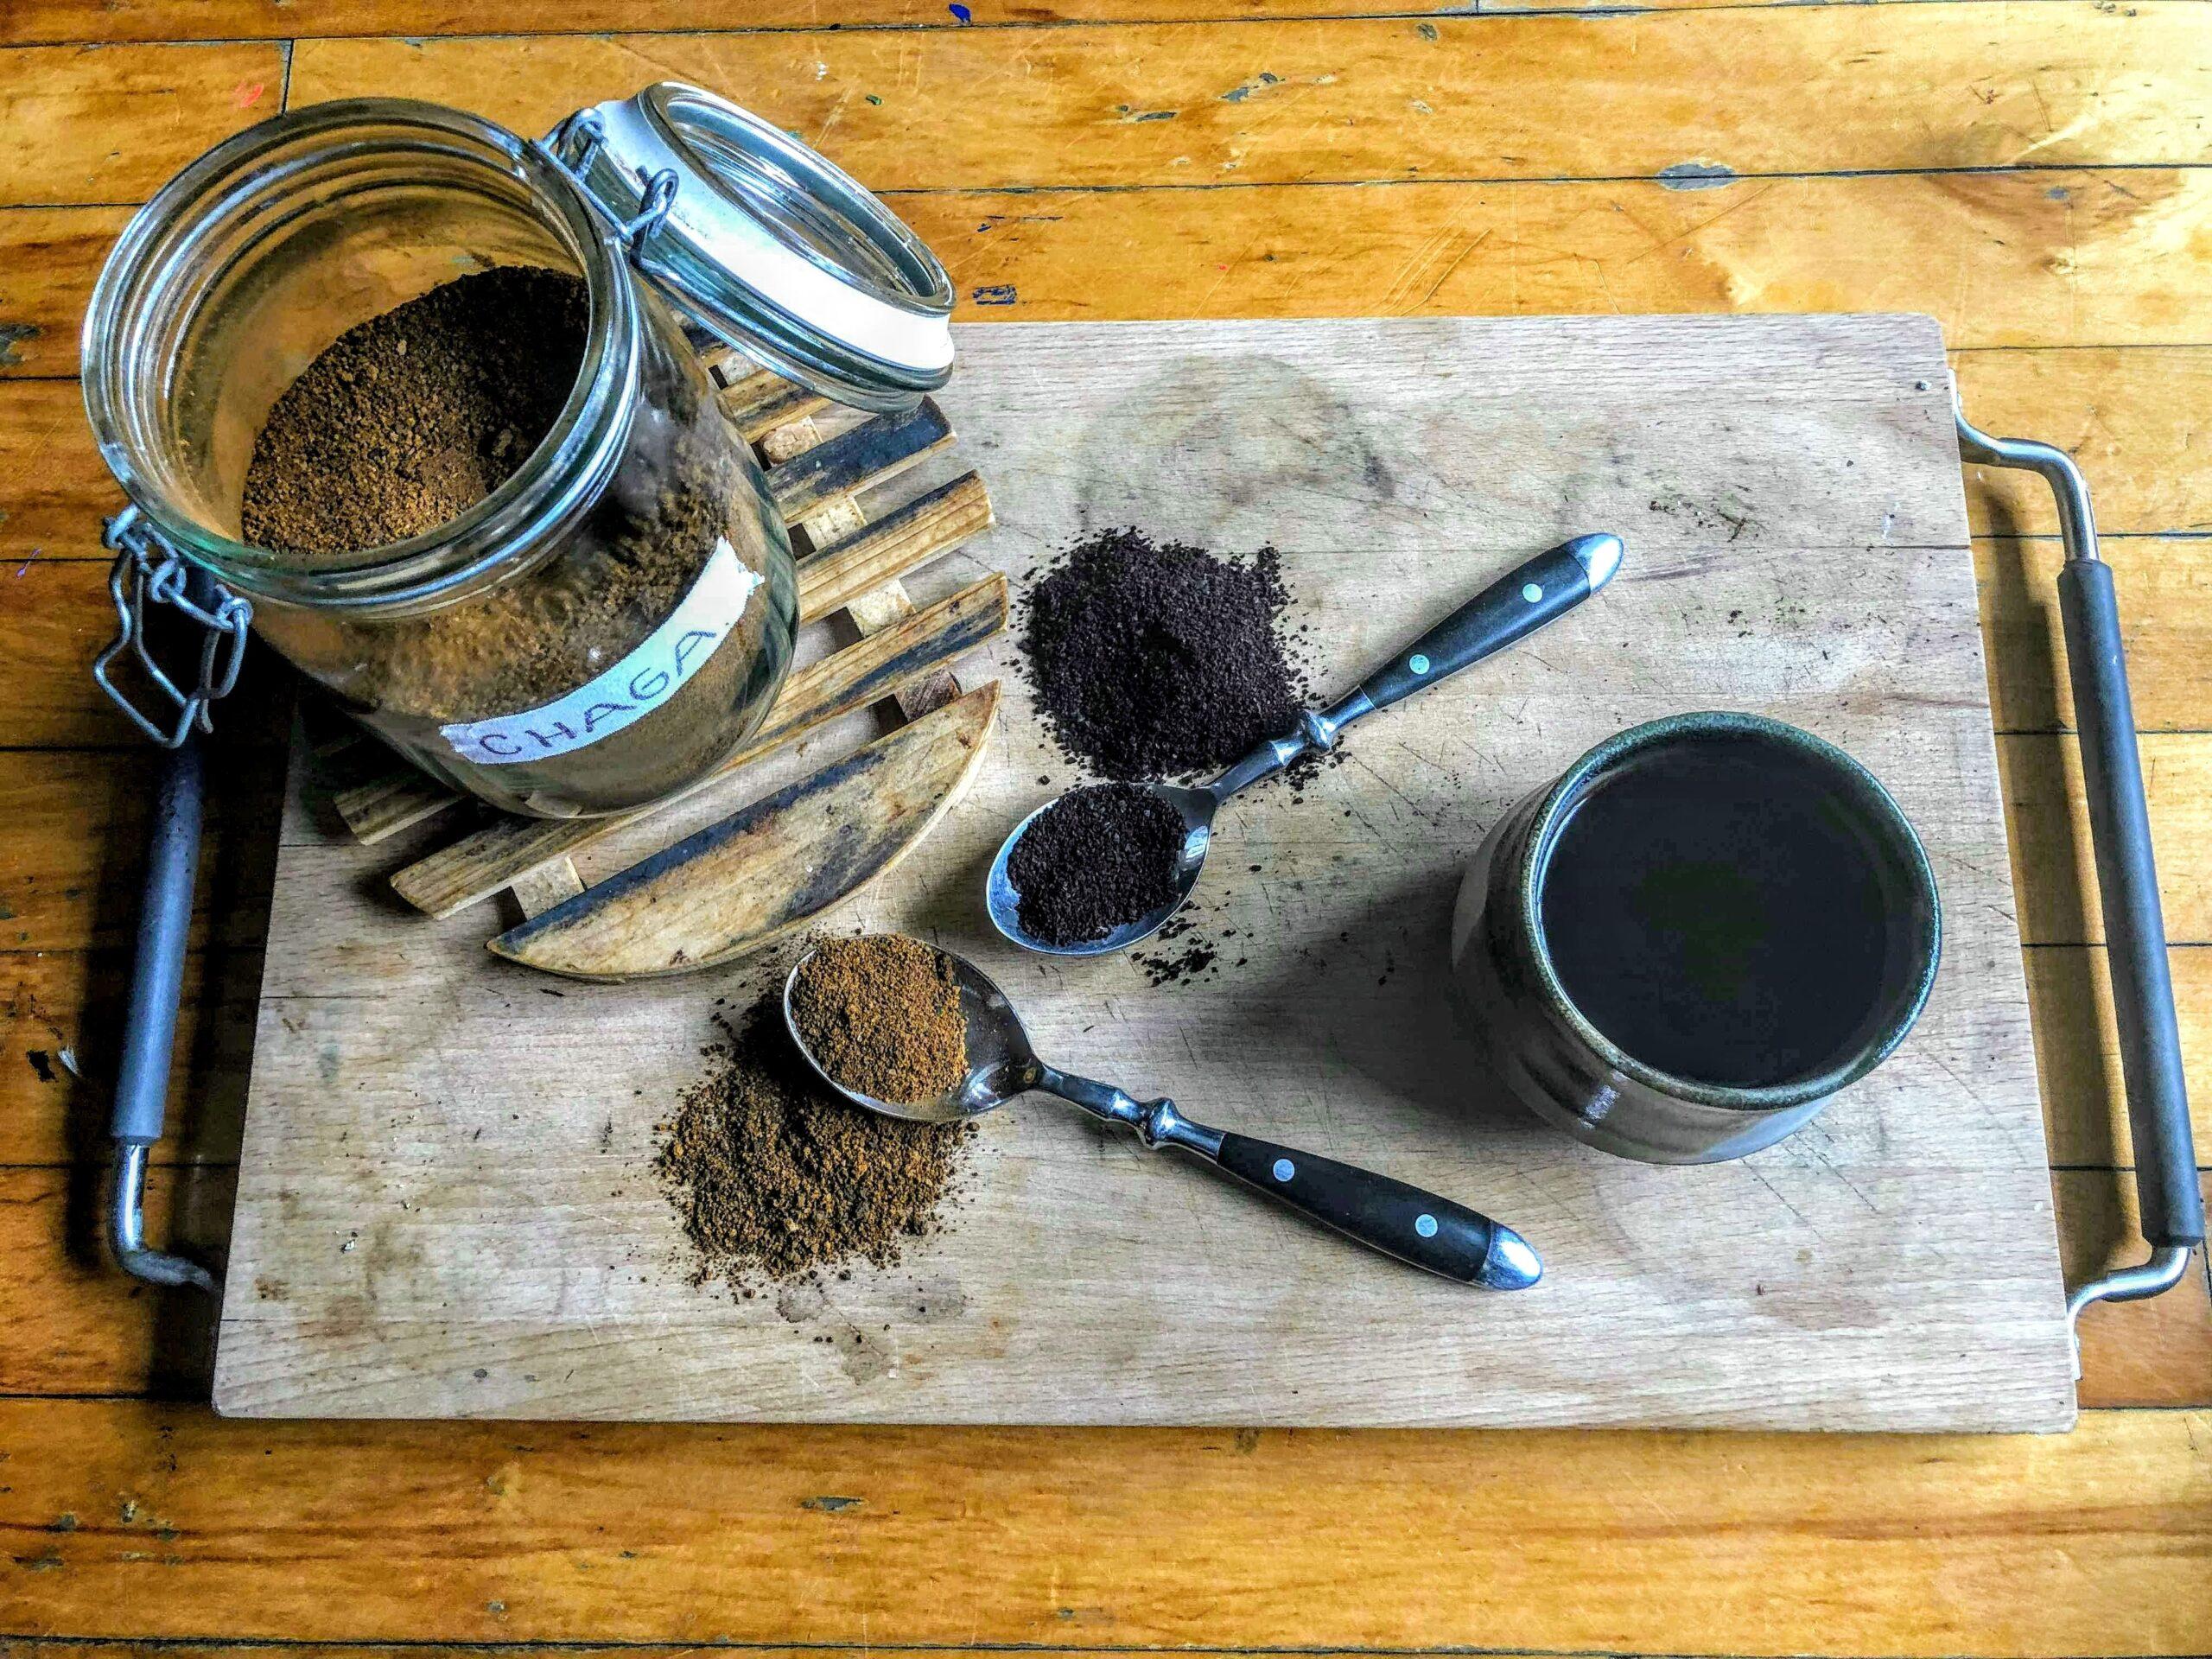 アダプトゲン入りコーヒー